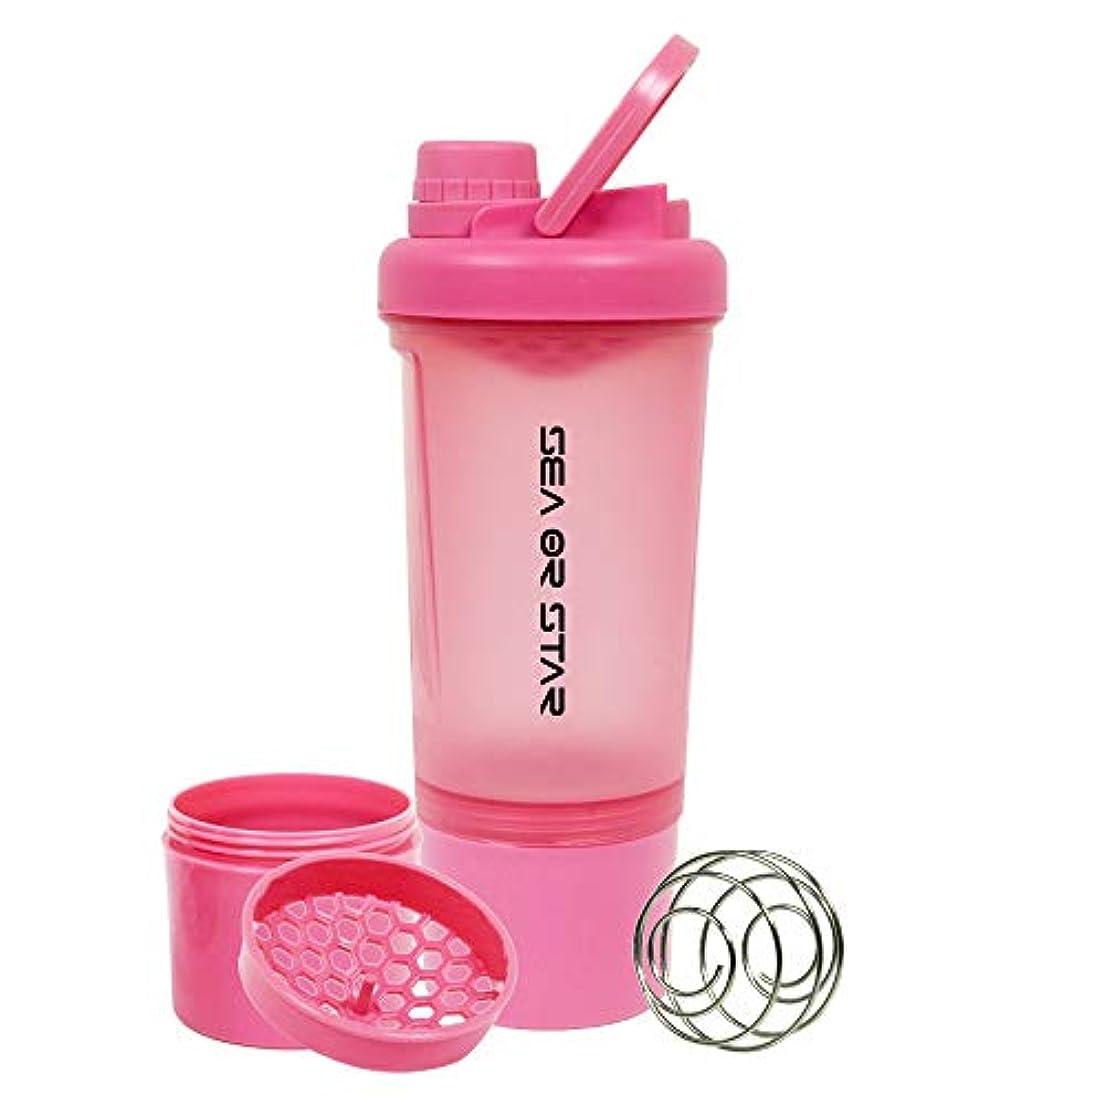 イースター弱めるまでSEA or STAR プロテインシェーカーボトル 17オンス シェーカーボール ミキシンググリッド含まれ 屋外フィットネス用のストレージ(ピンク)